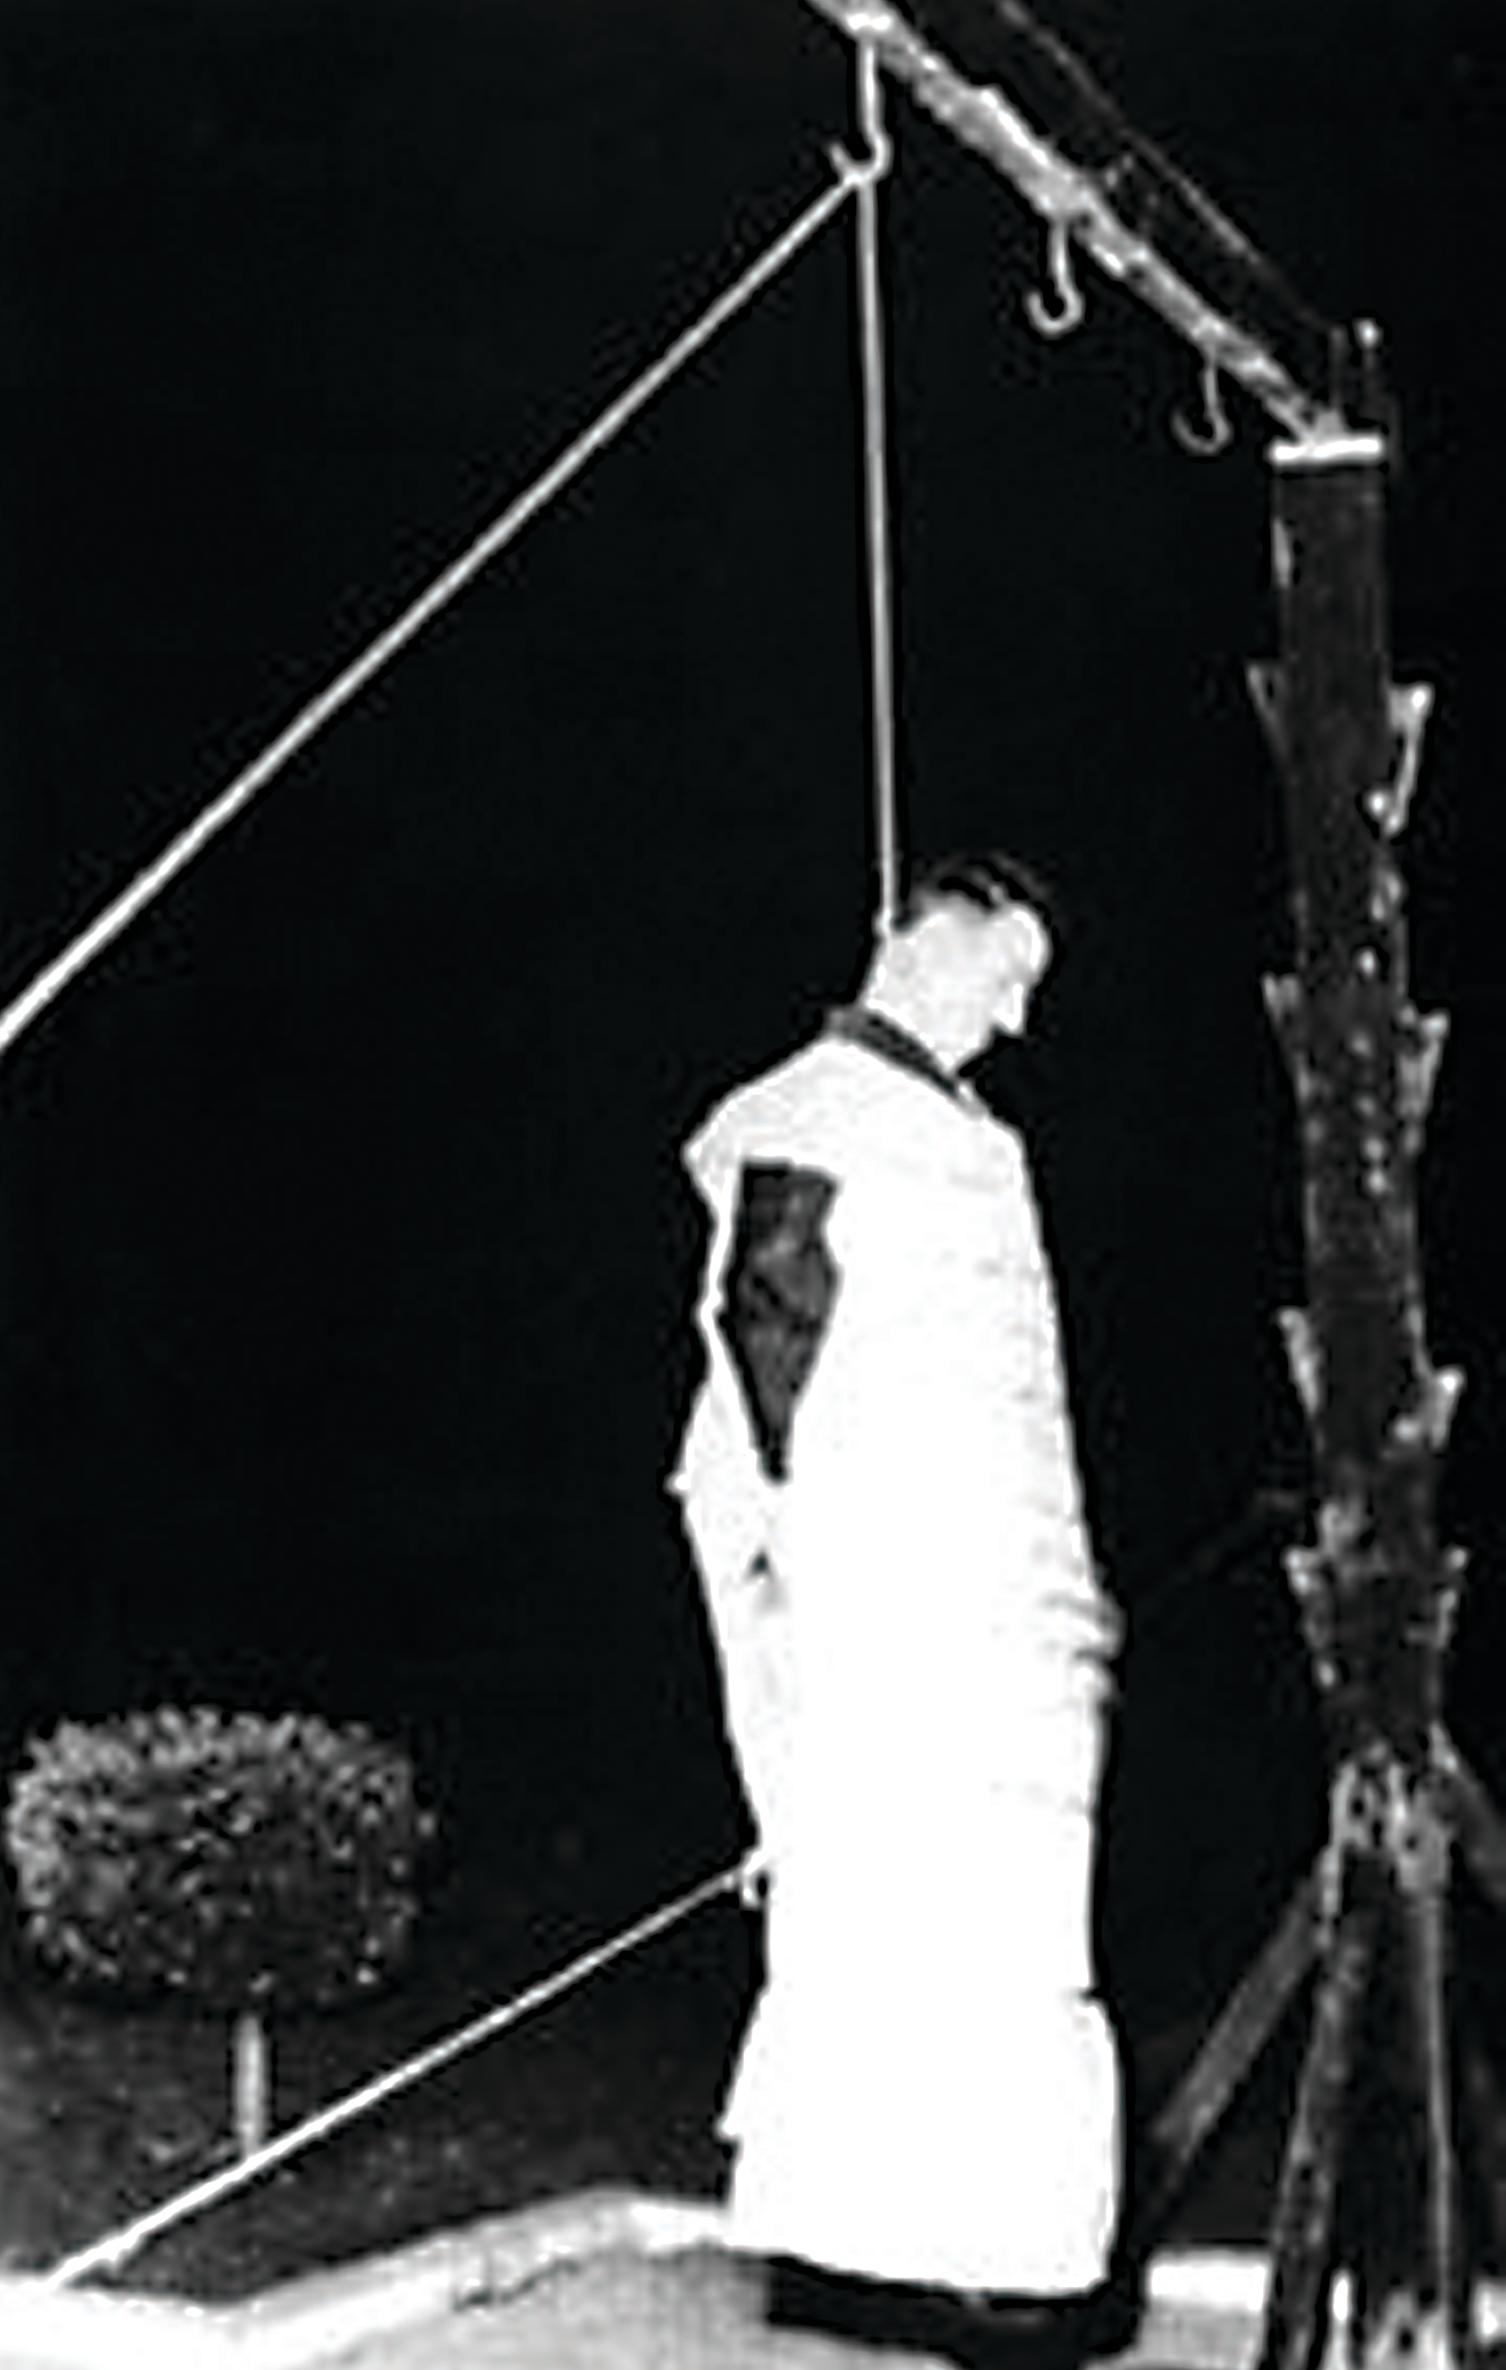 הוצאתו להורג של כהן